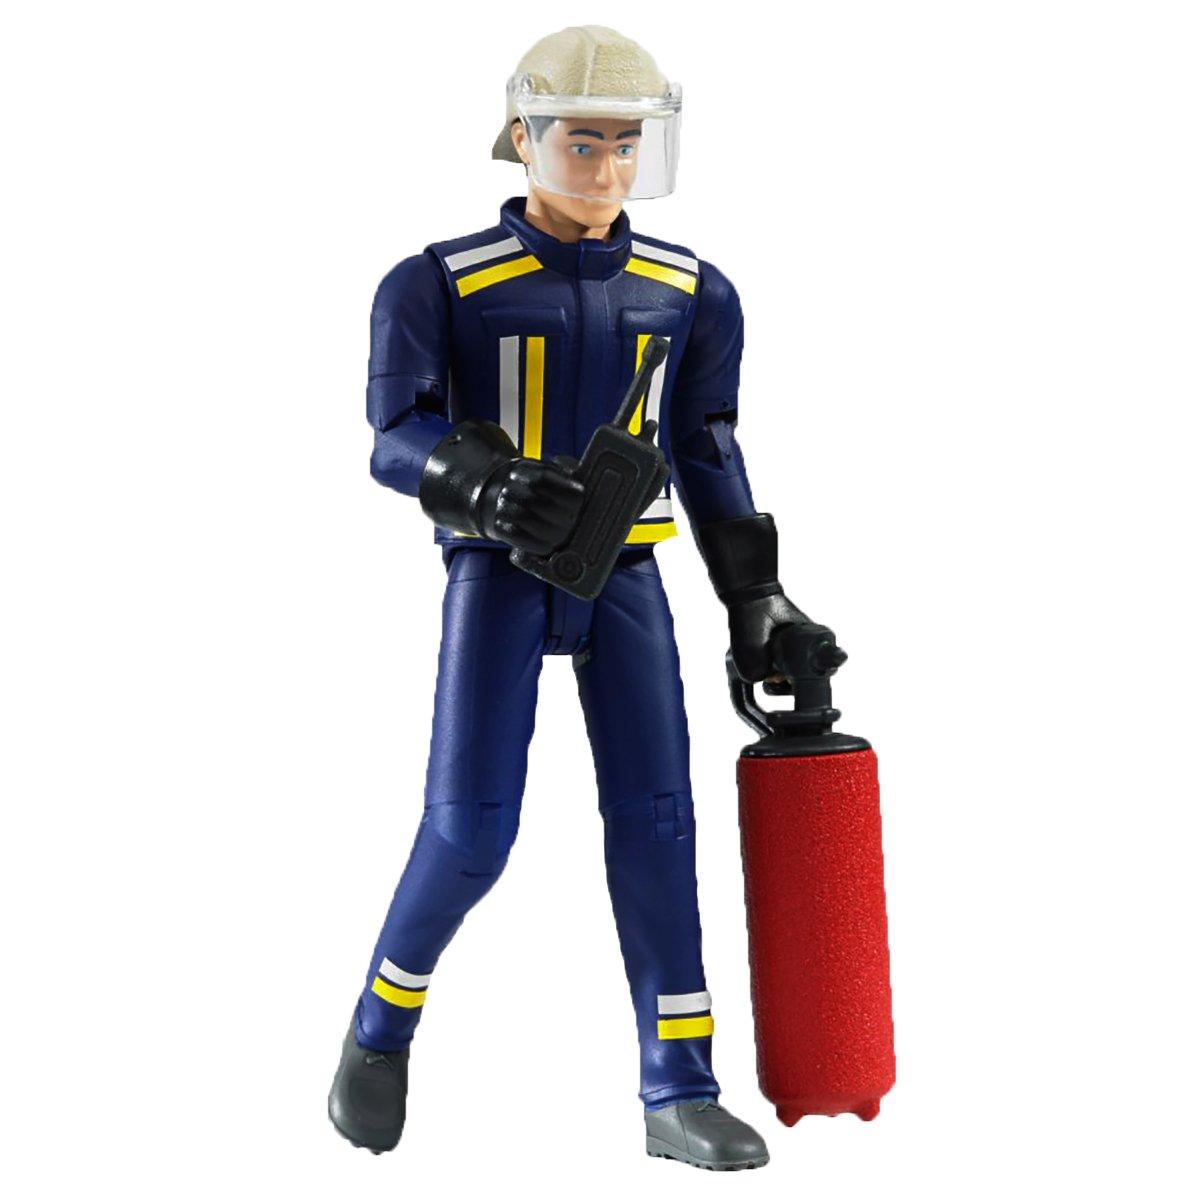 bruder 60100 - Feuerwehrmann mit Zubehör